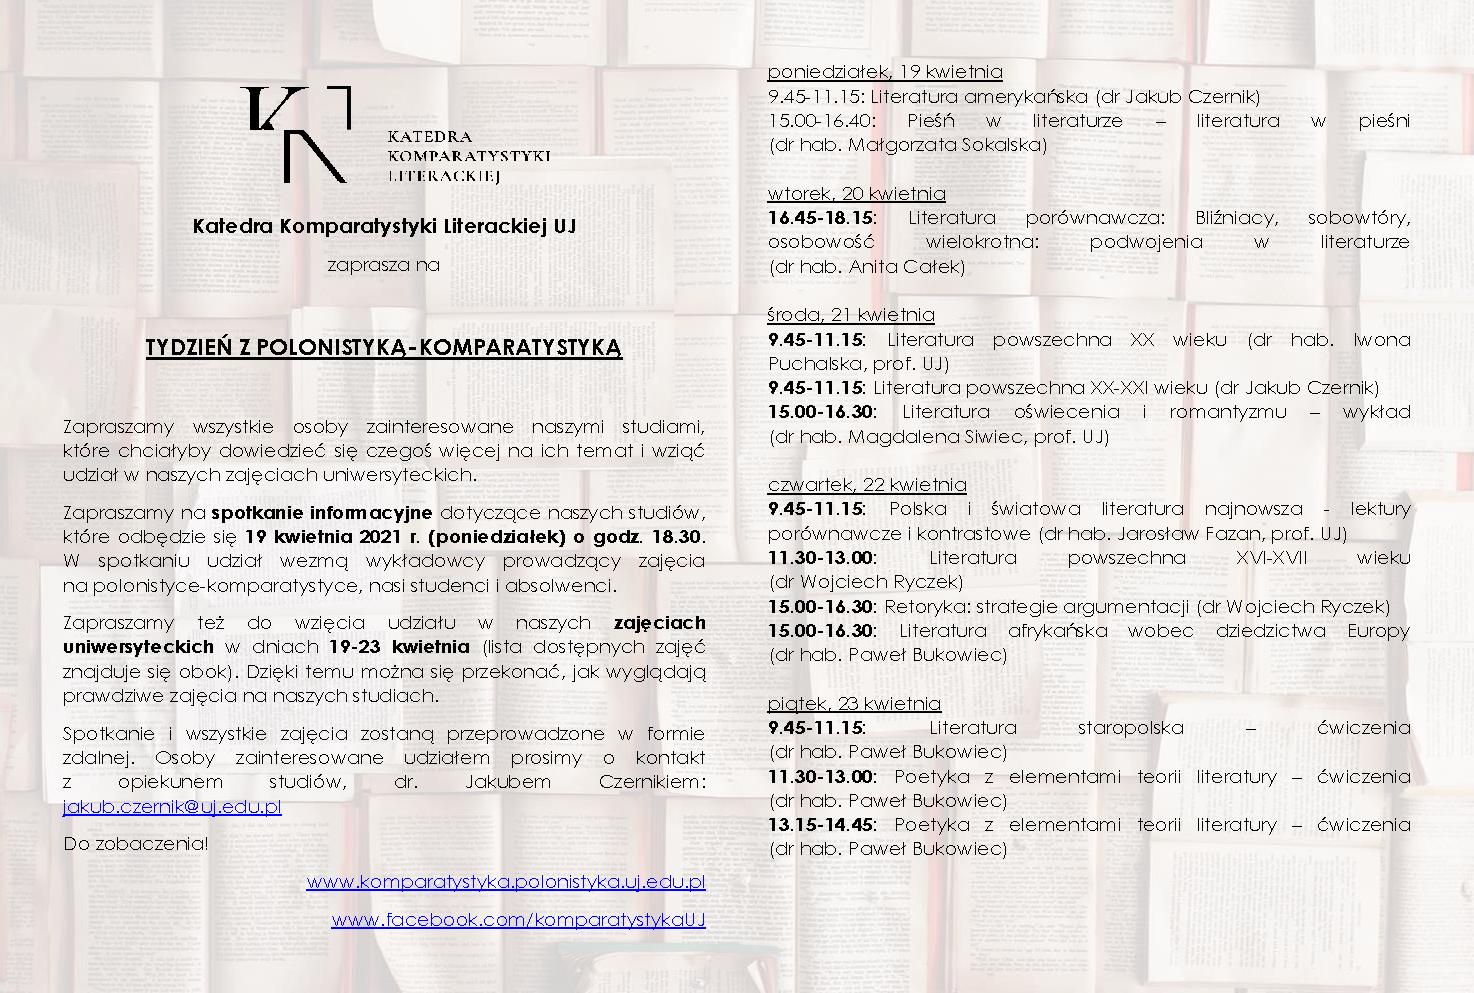 Polonistyka-komparatystyka-zaproszenie-3